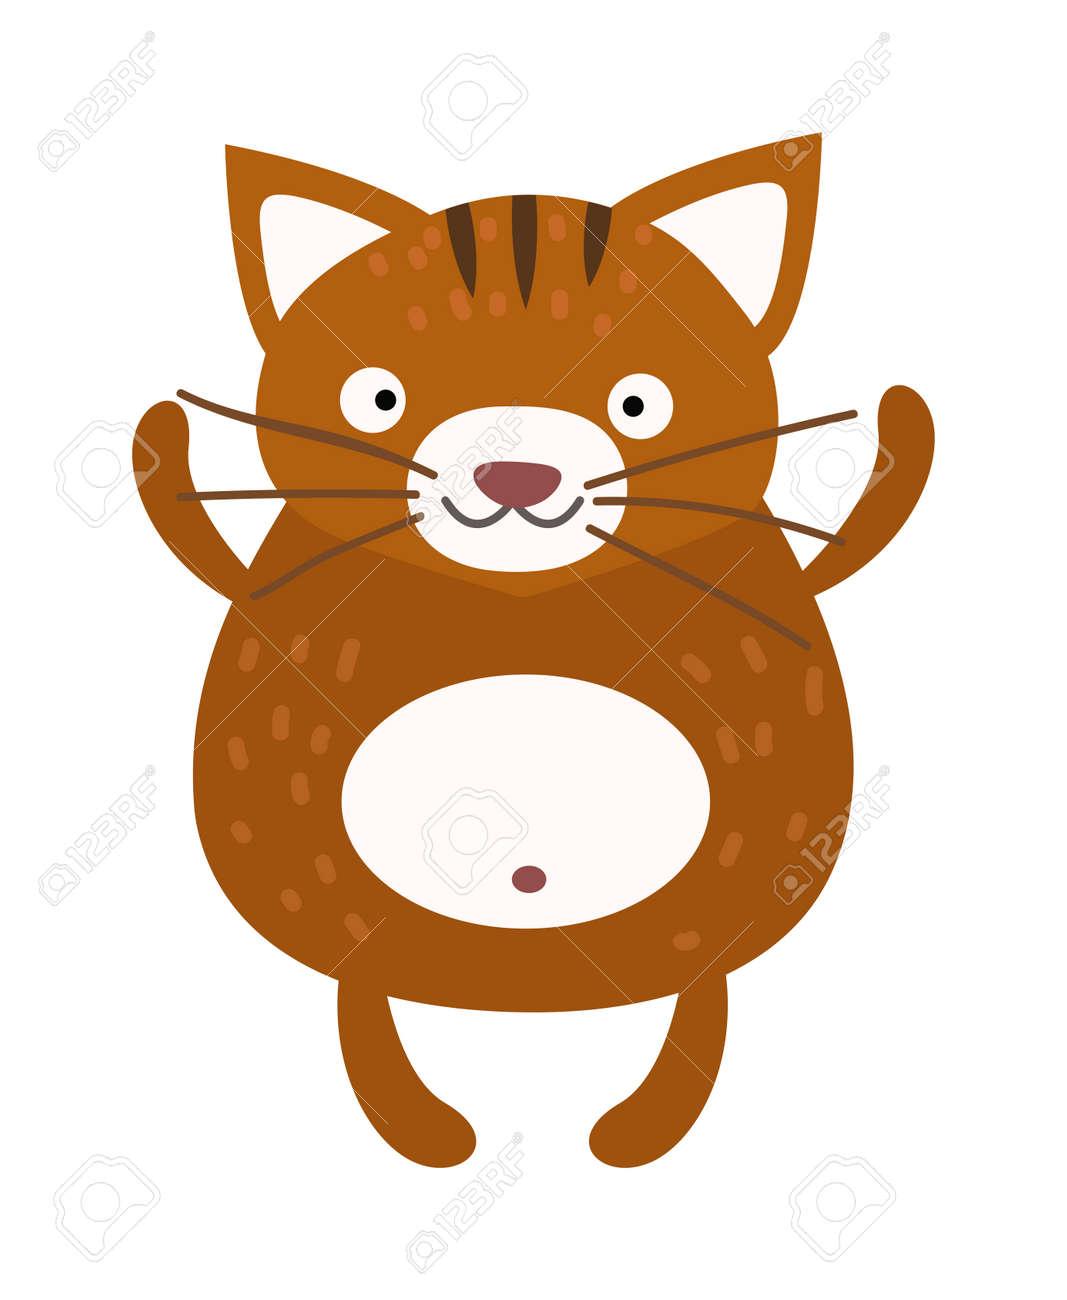 Gato De Dibujos Animados De Color Marrón Y Gato Doméstico De Dibujos